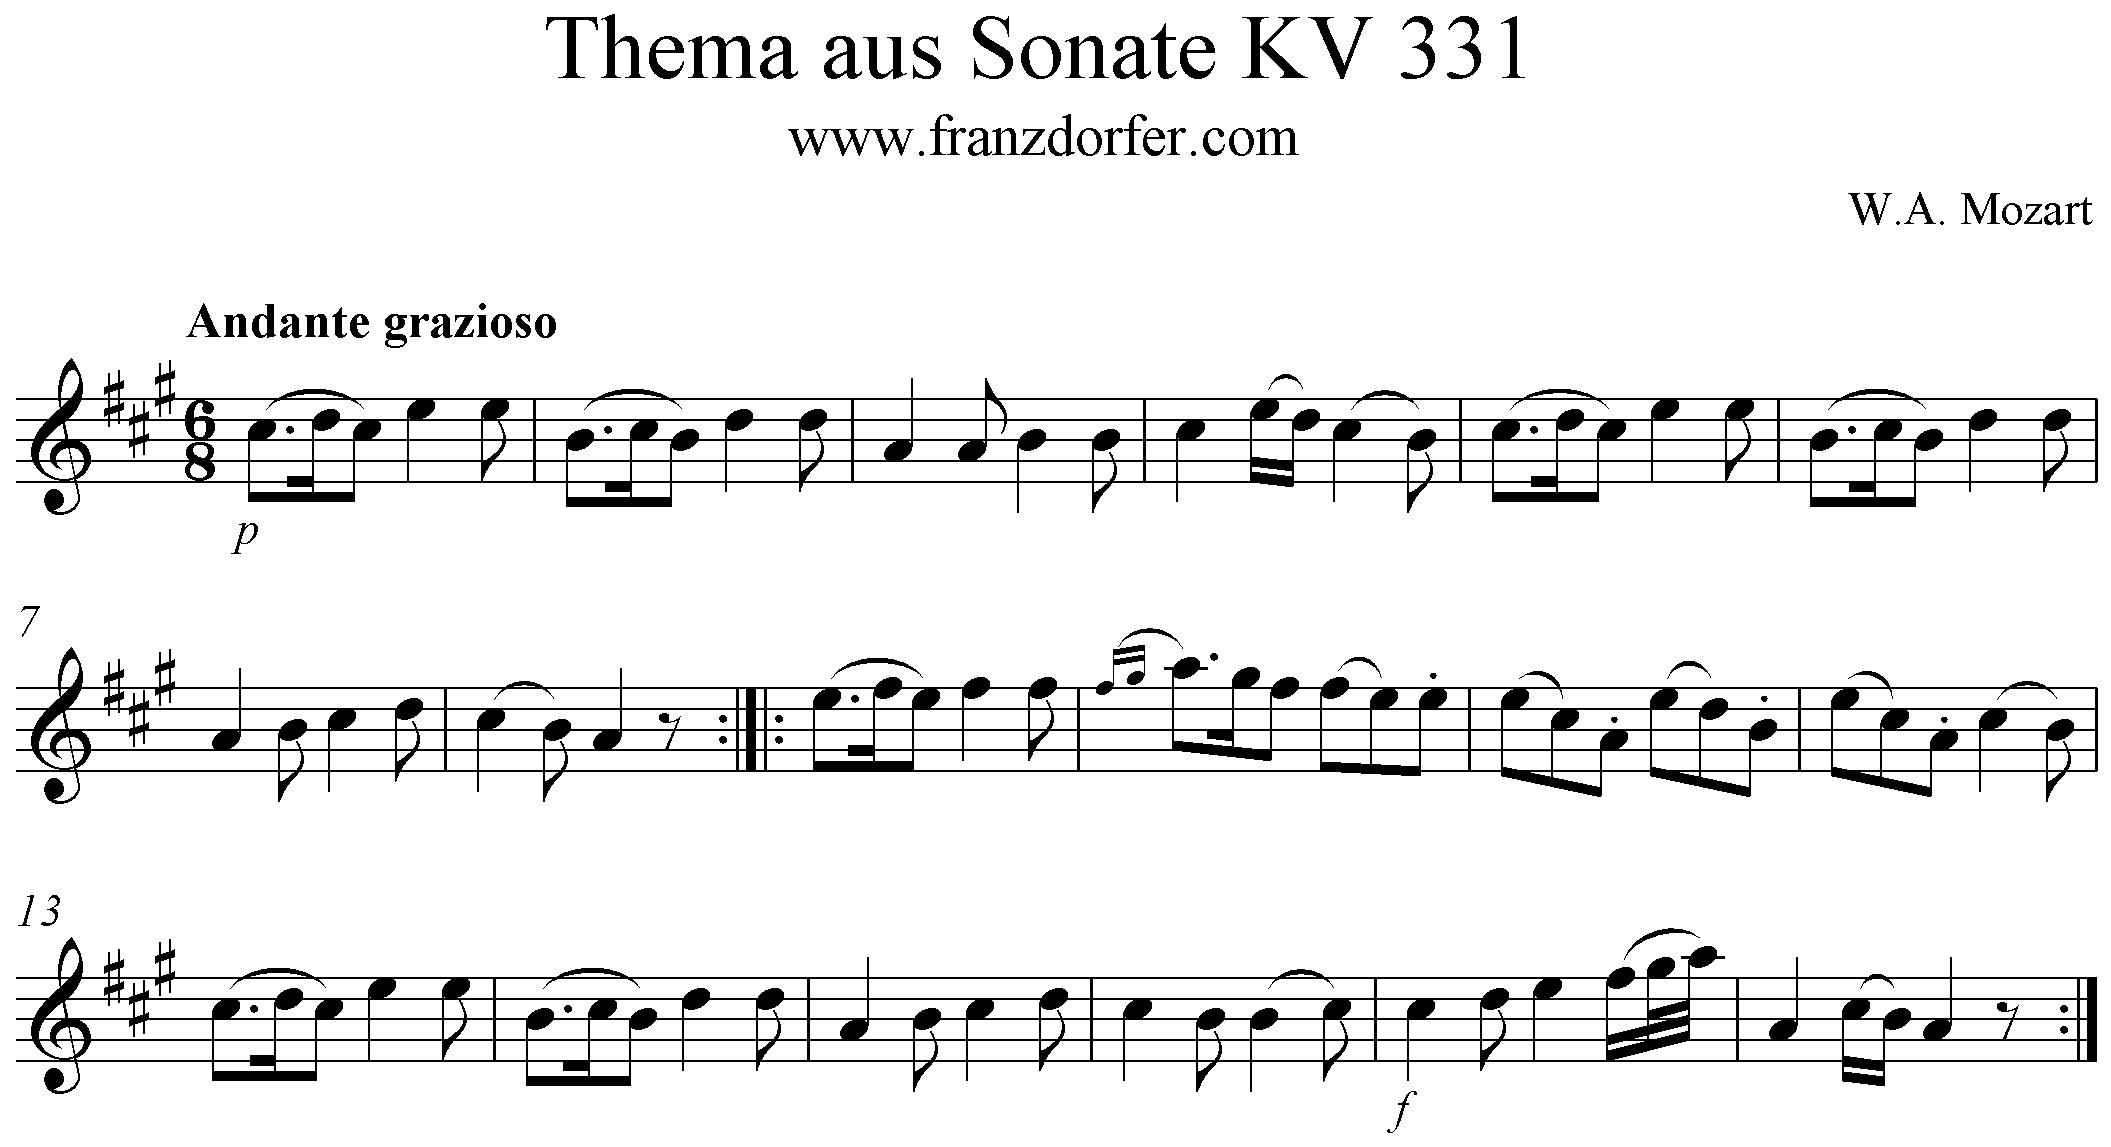 Andante grazioso KV 331 - Theme, Solopart